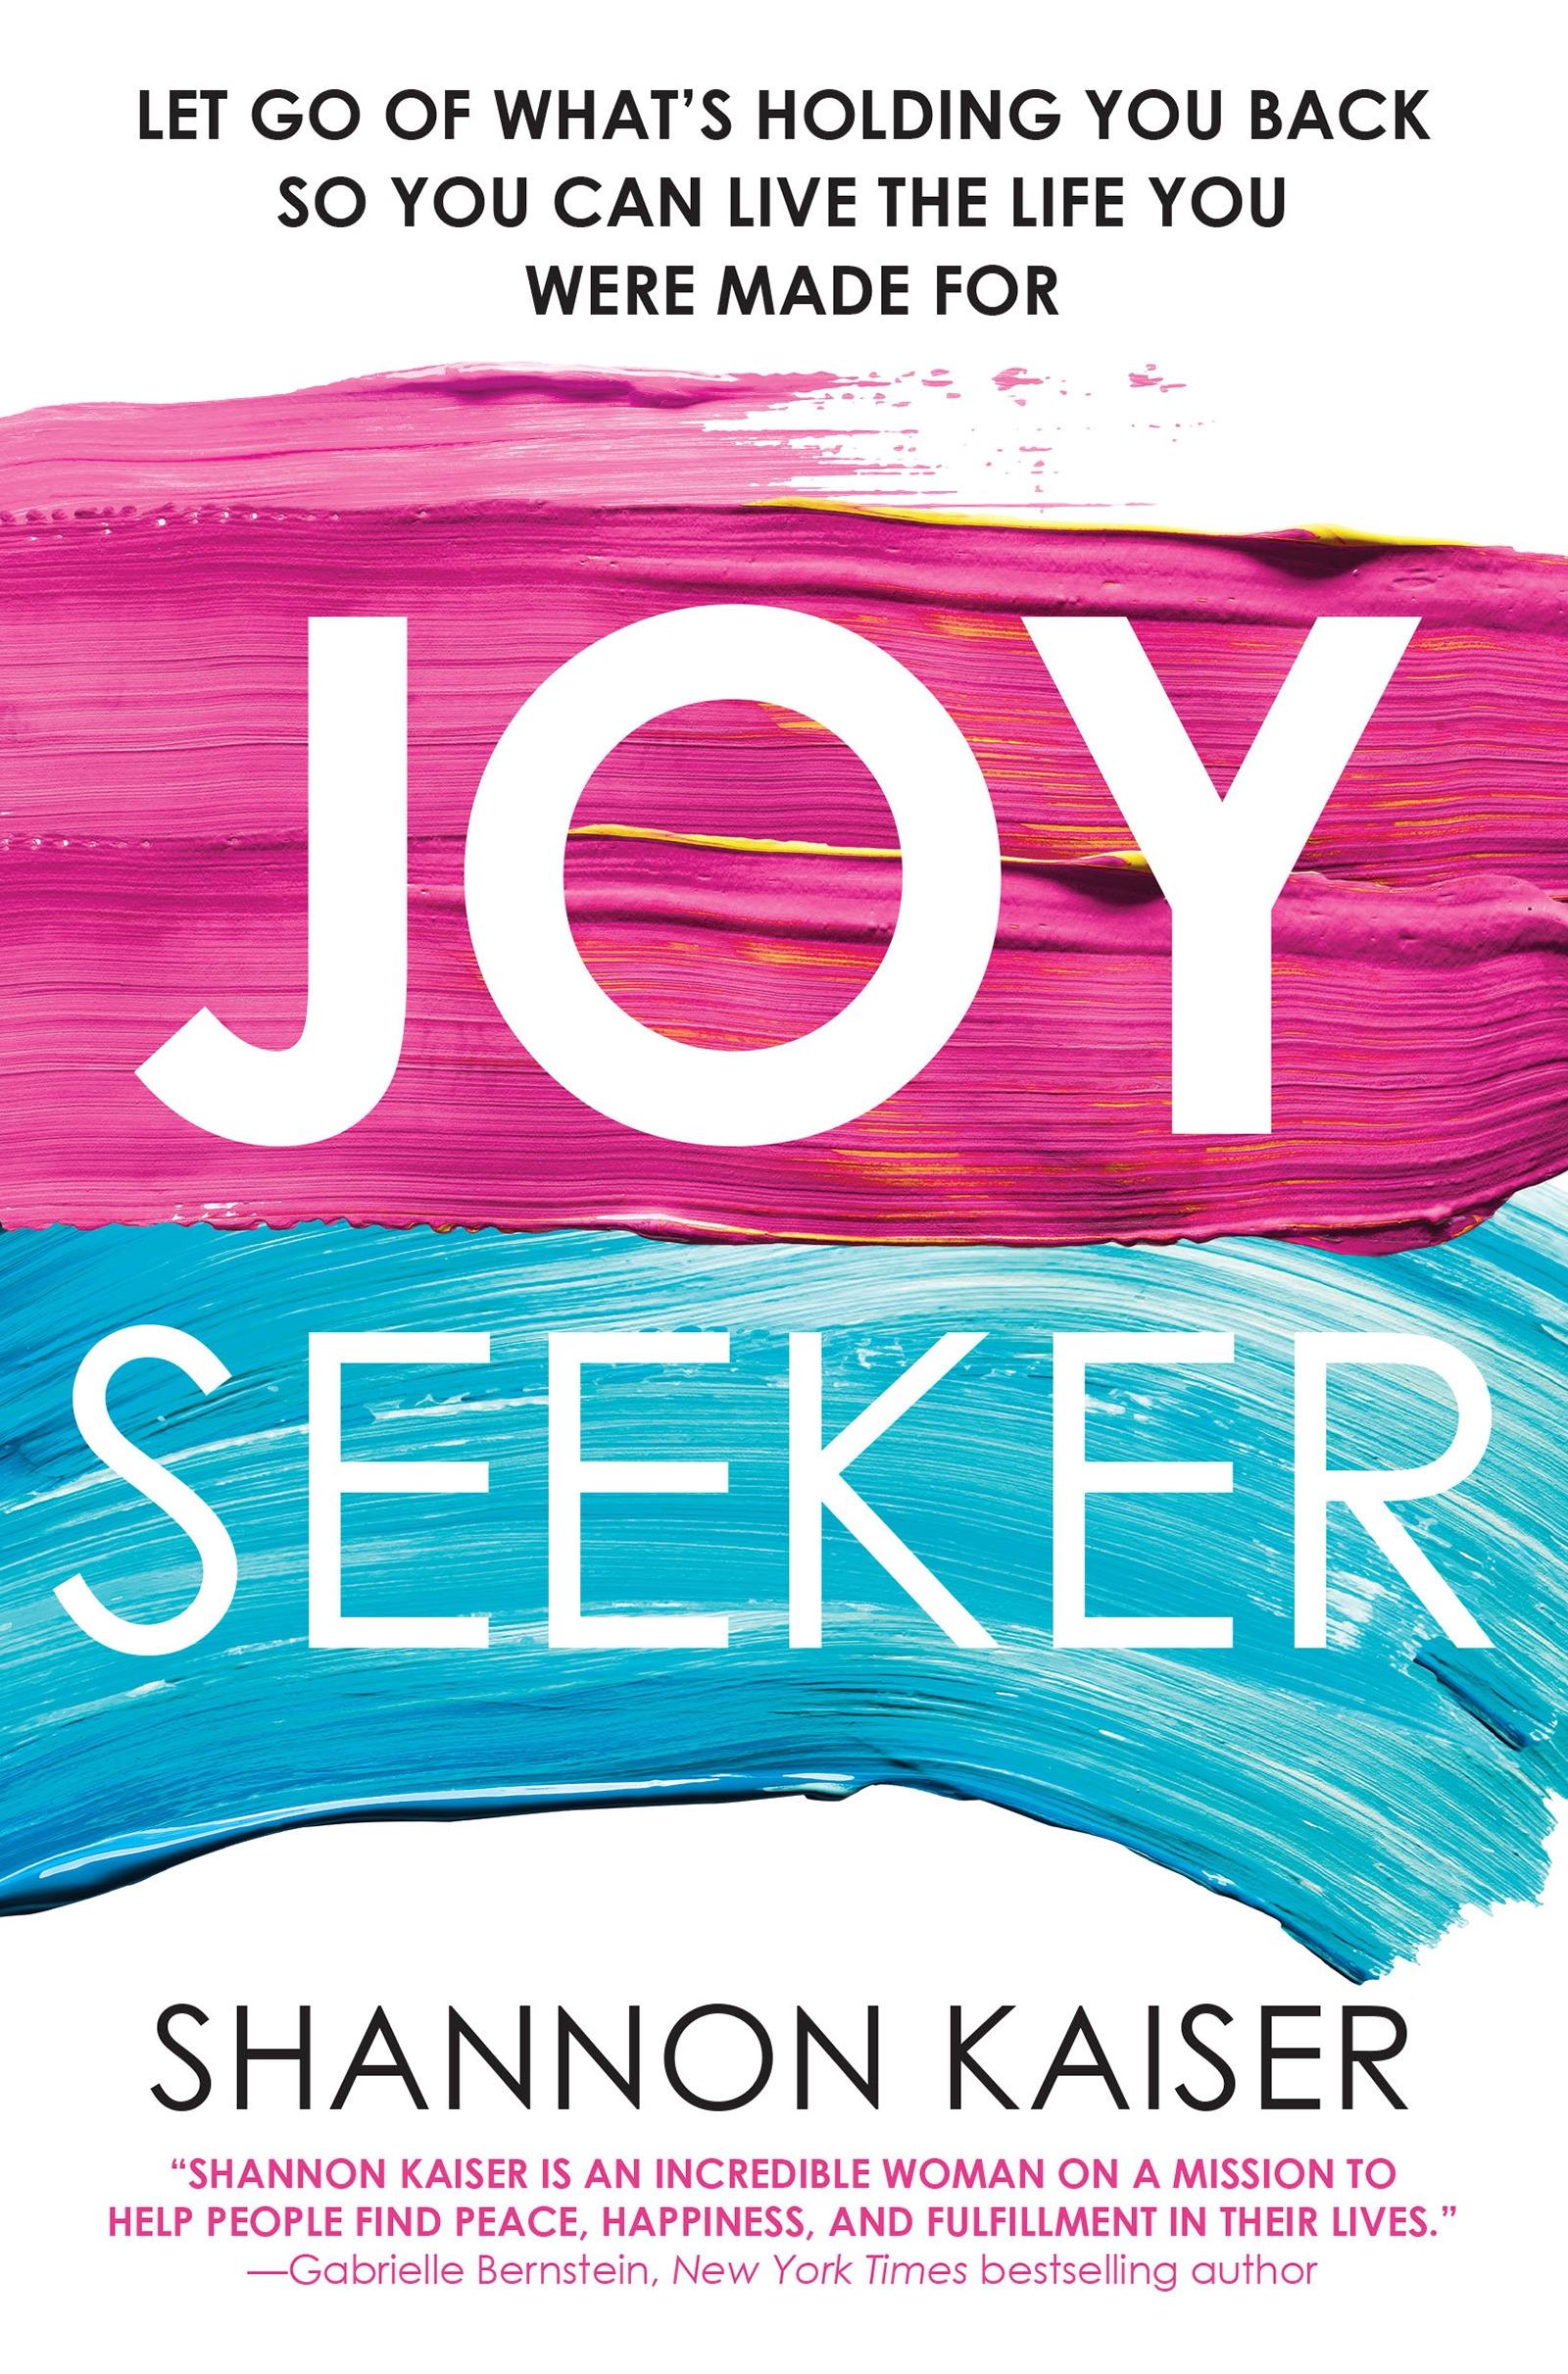 Be a joy seeker.